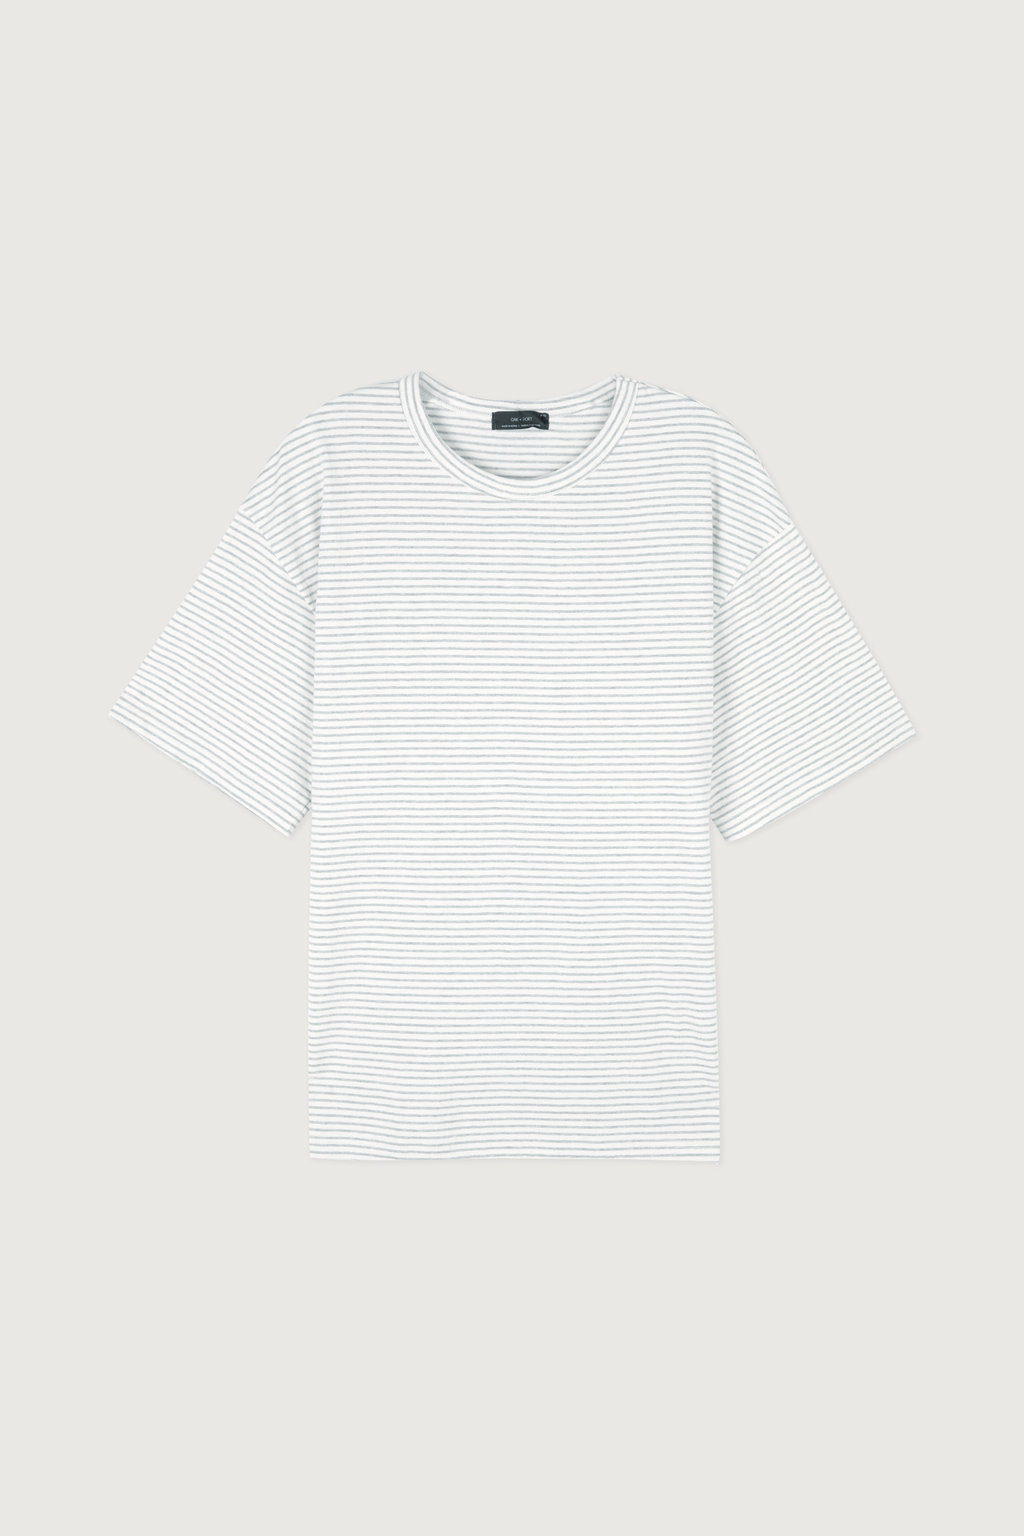 TShirt K008M Gray 11